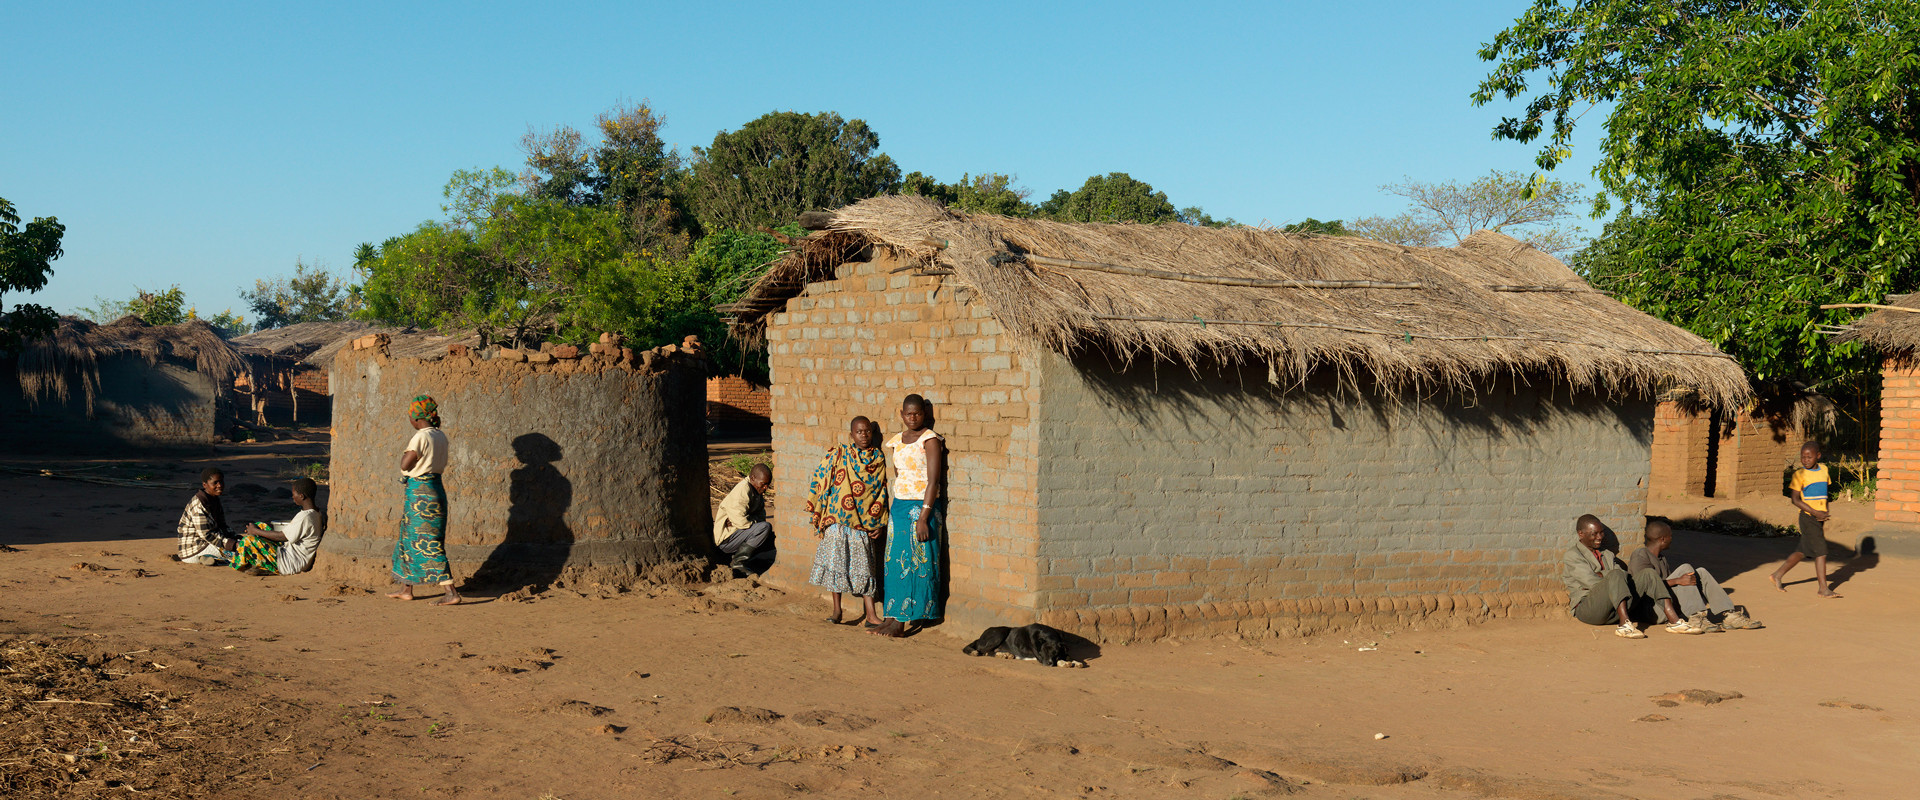 Zo ontsnap je aan armoede in het armste land ter wereld - Basket thuis van de wereld ...